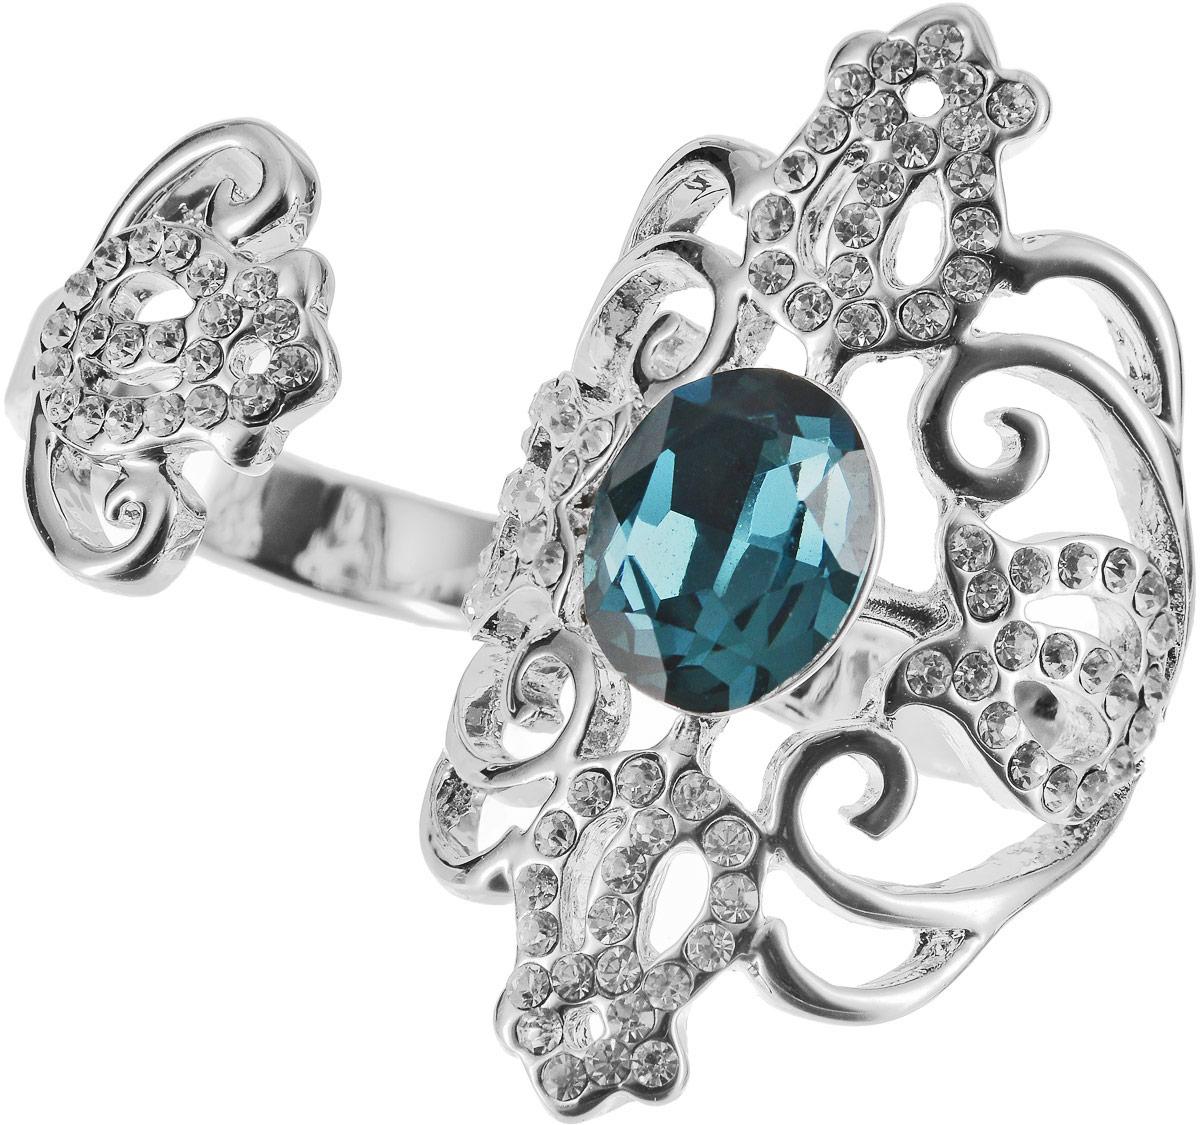 Кольцо на два пальца Art-Silver, цвет: серебряный, бирюзовый. 06816-1319. Размер 18Коктейльное кольцоОригинальное кольцо Art-Silver выполнено из бижутерного сплава с гальваническим покрытием. Кольцо на два пальца украшено декоративными вставками.Элегантное кольцо Art-Silver превосходно дополнит ваш образ и подчеркнет отменное чувство стиля своей обладательницы.